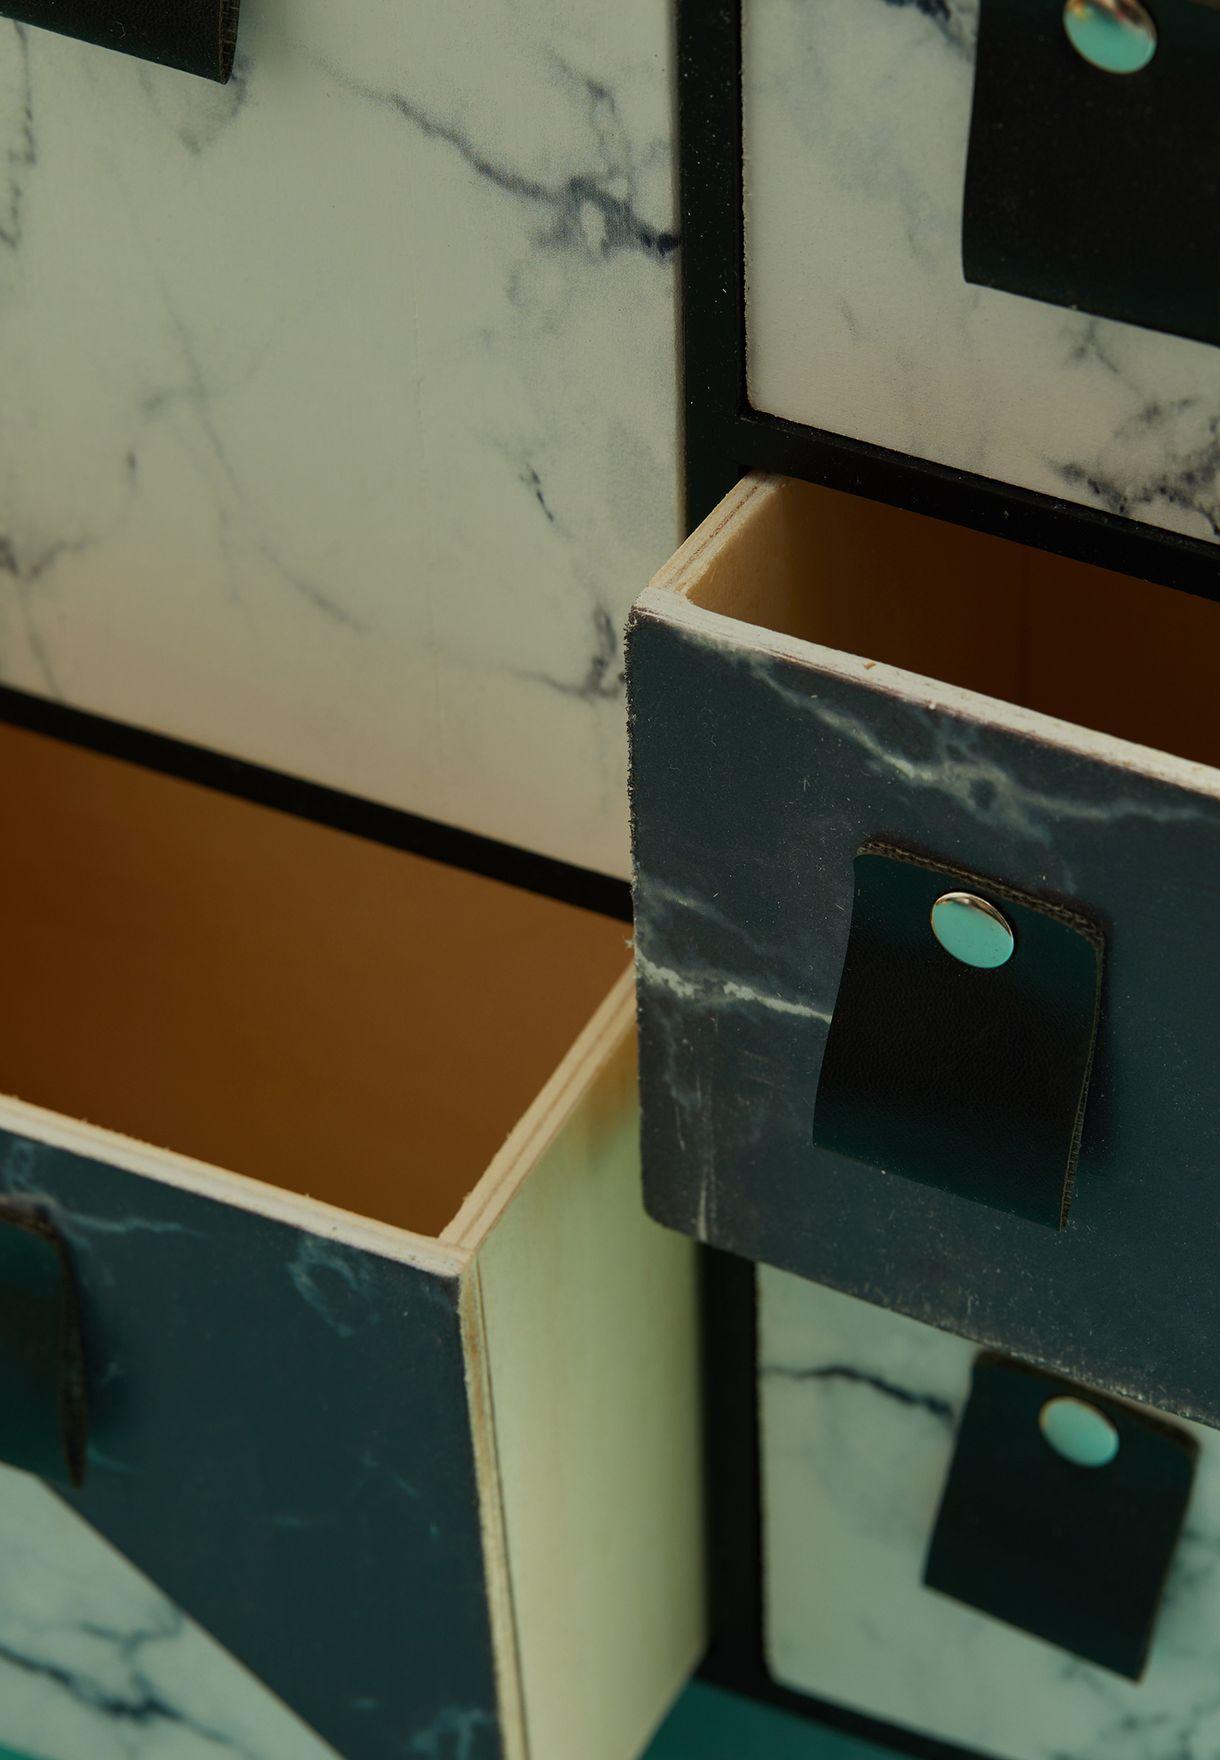 وحدة تخزين بادراج متعددة